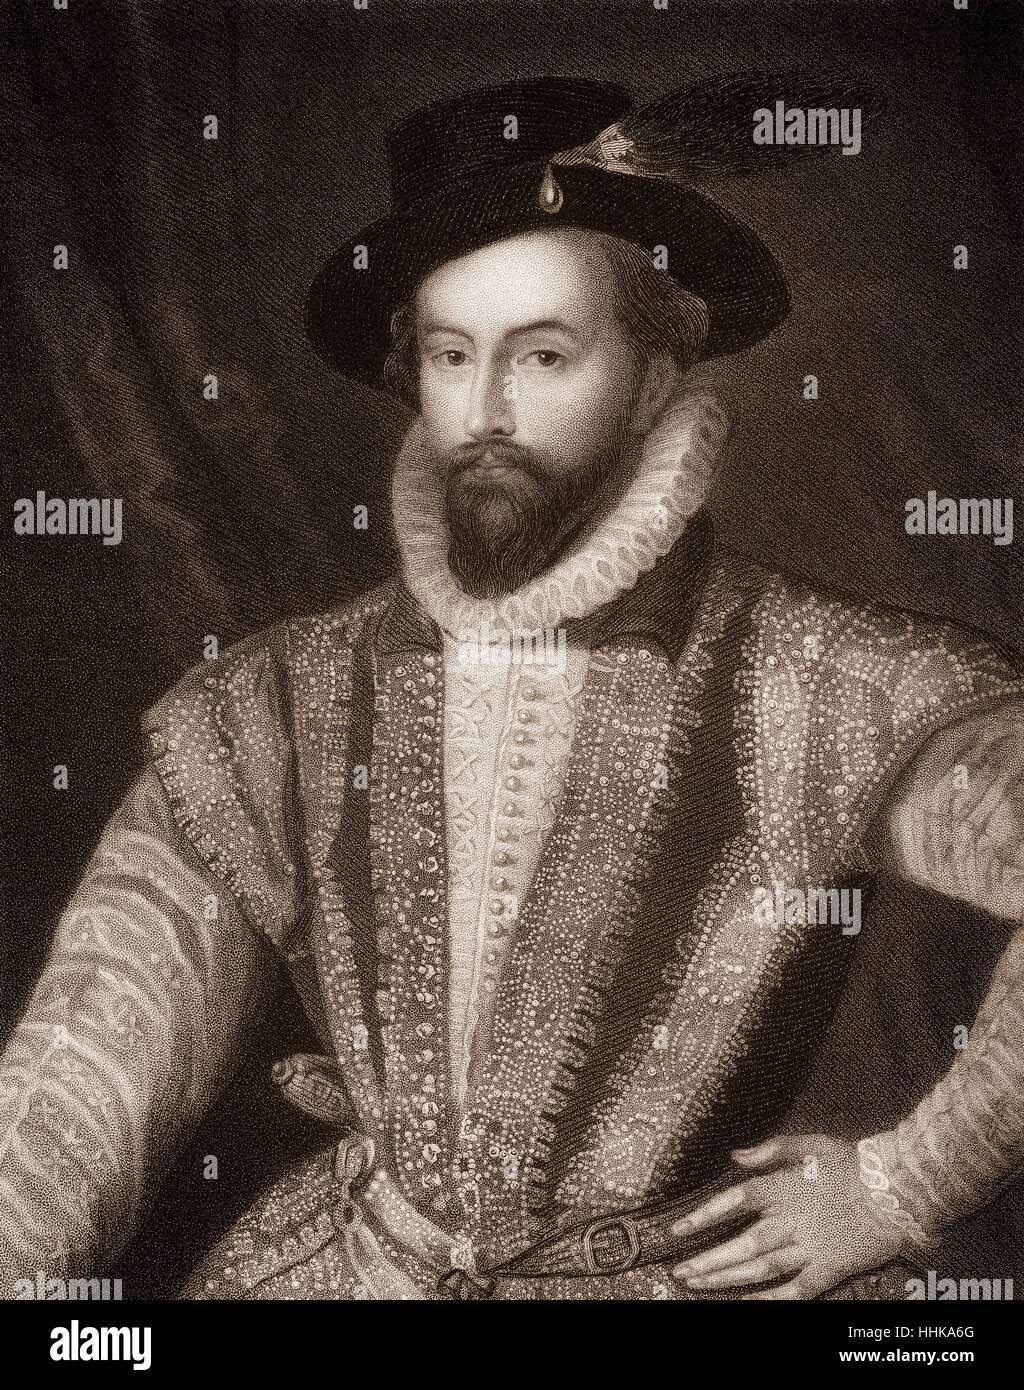 Sir Walter Raleigh, 1554 - 1618, un aristócrata inglés, escritor, poeta y explorer Foto de stock